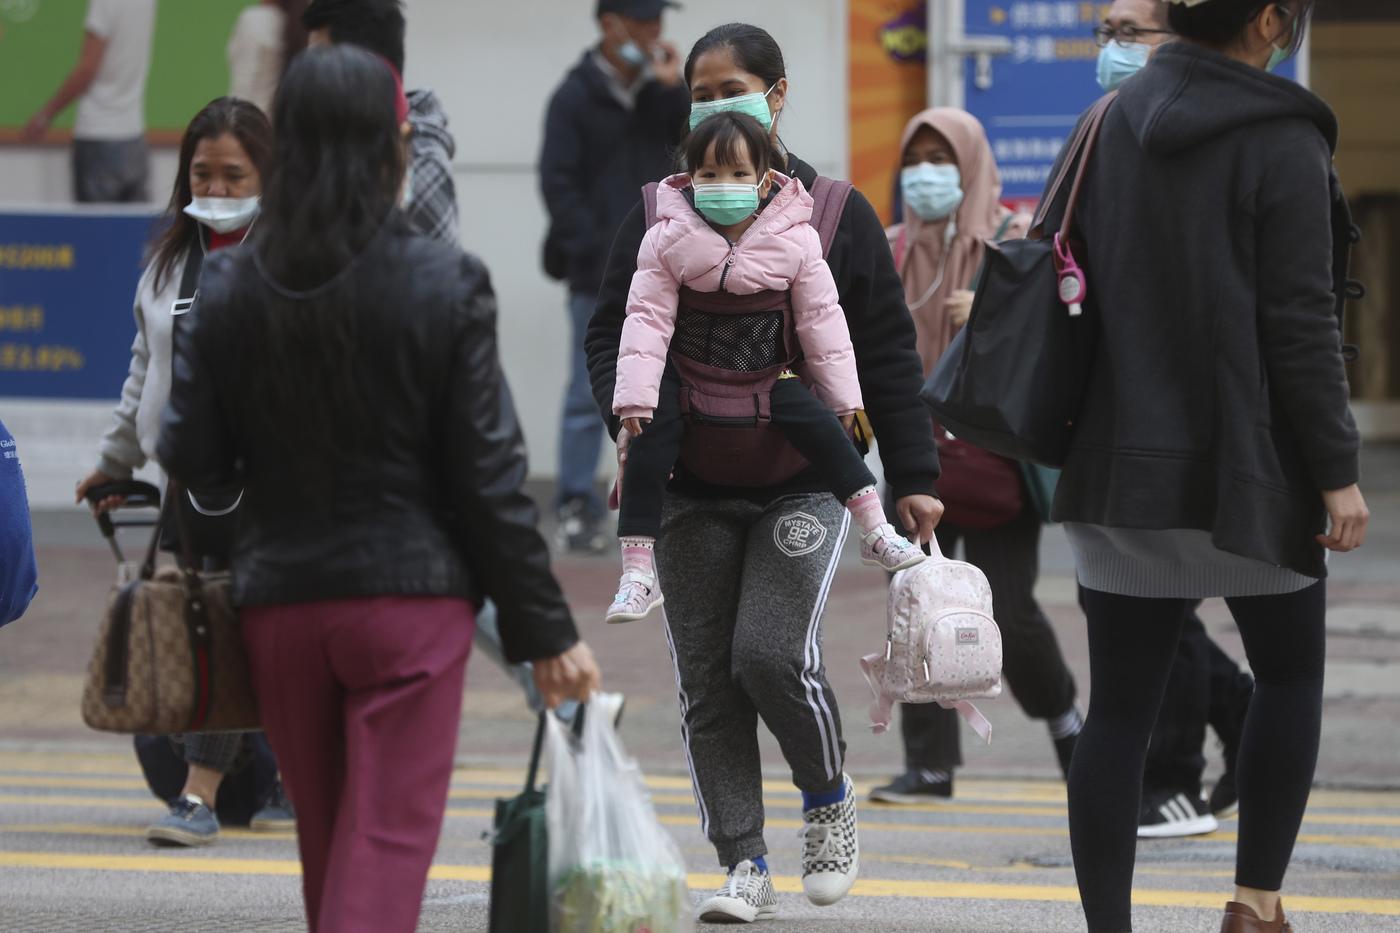 Virus Cina: Calderoli, 'Ricciardi e Burioni confermano buon senso governatori'